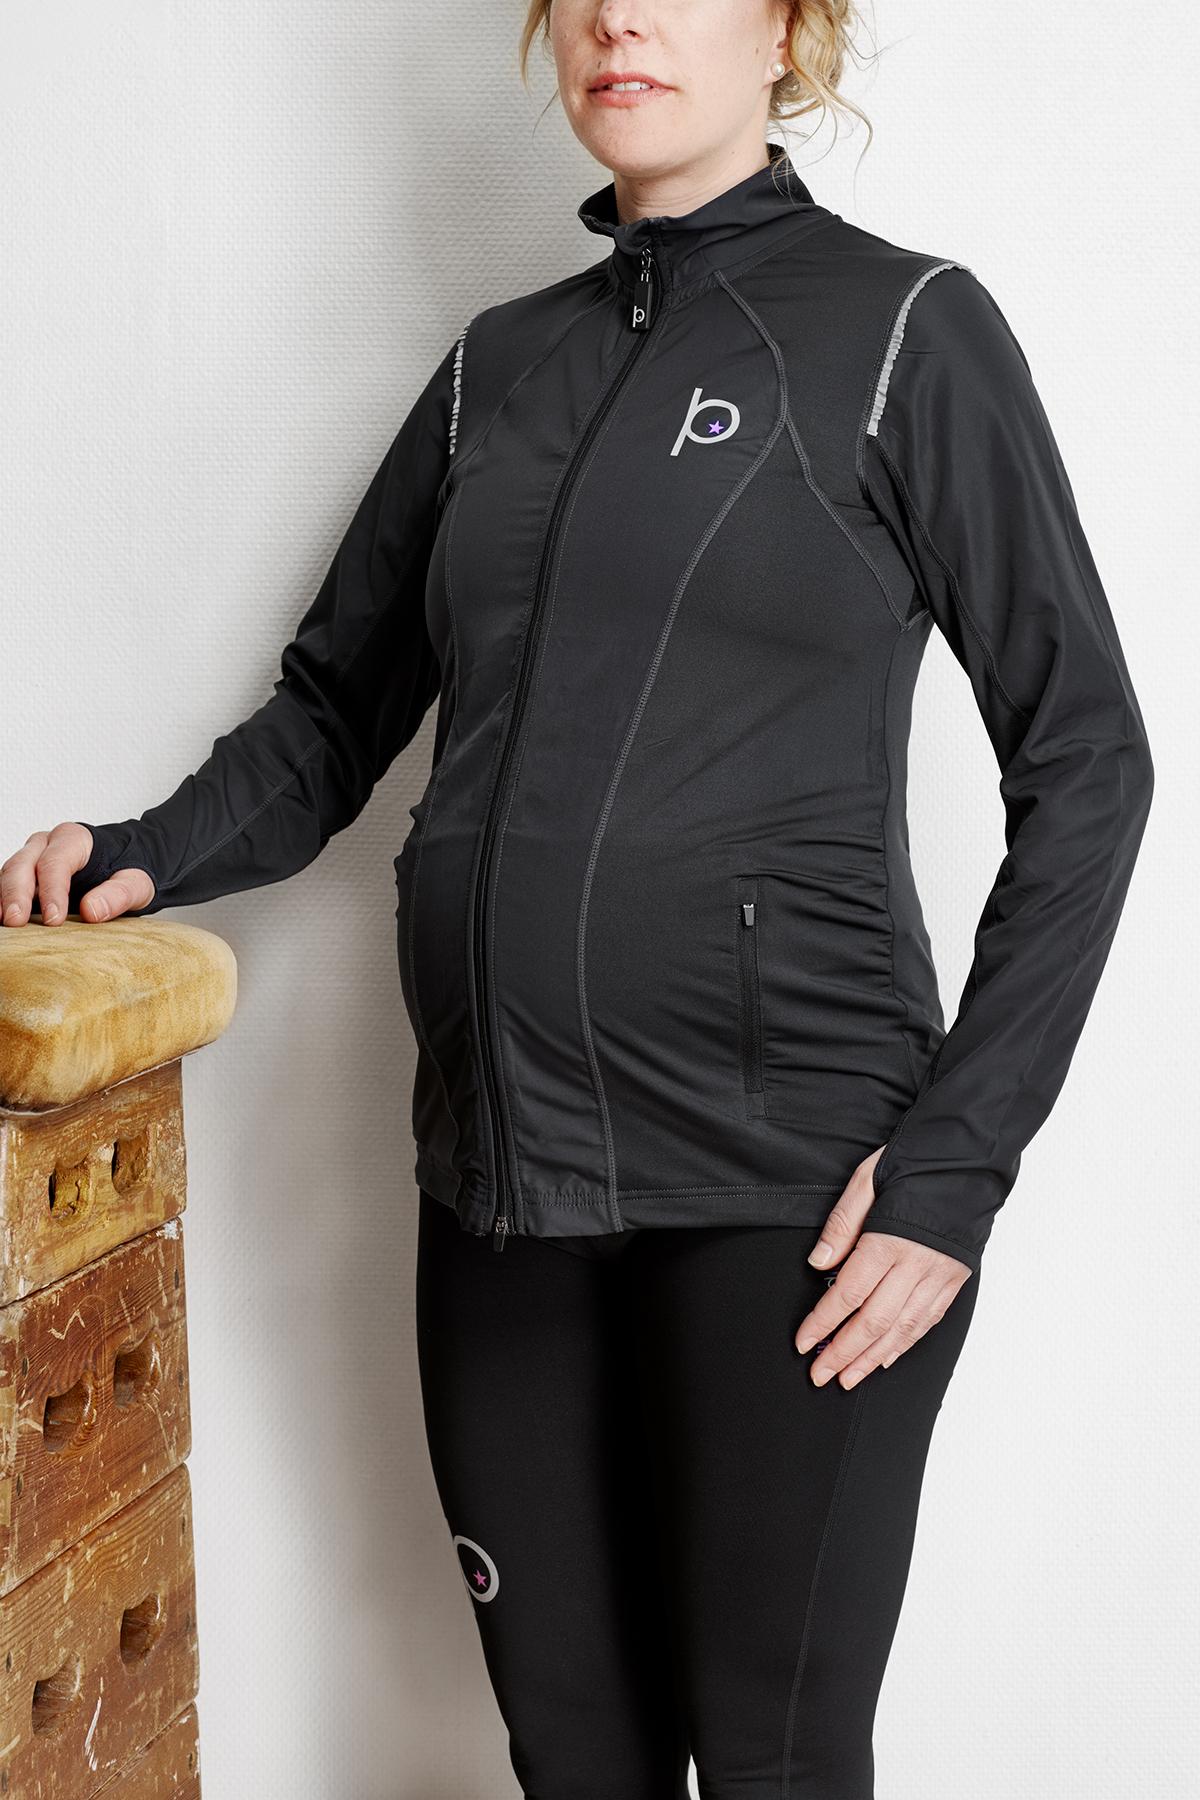 Träningsjacka för gravida som passar både under och efter graviditet.